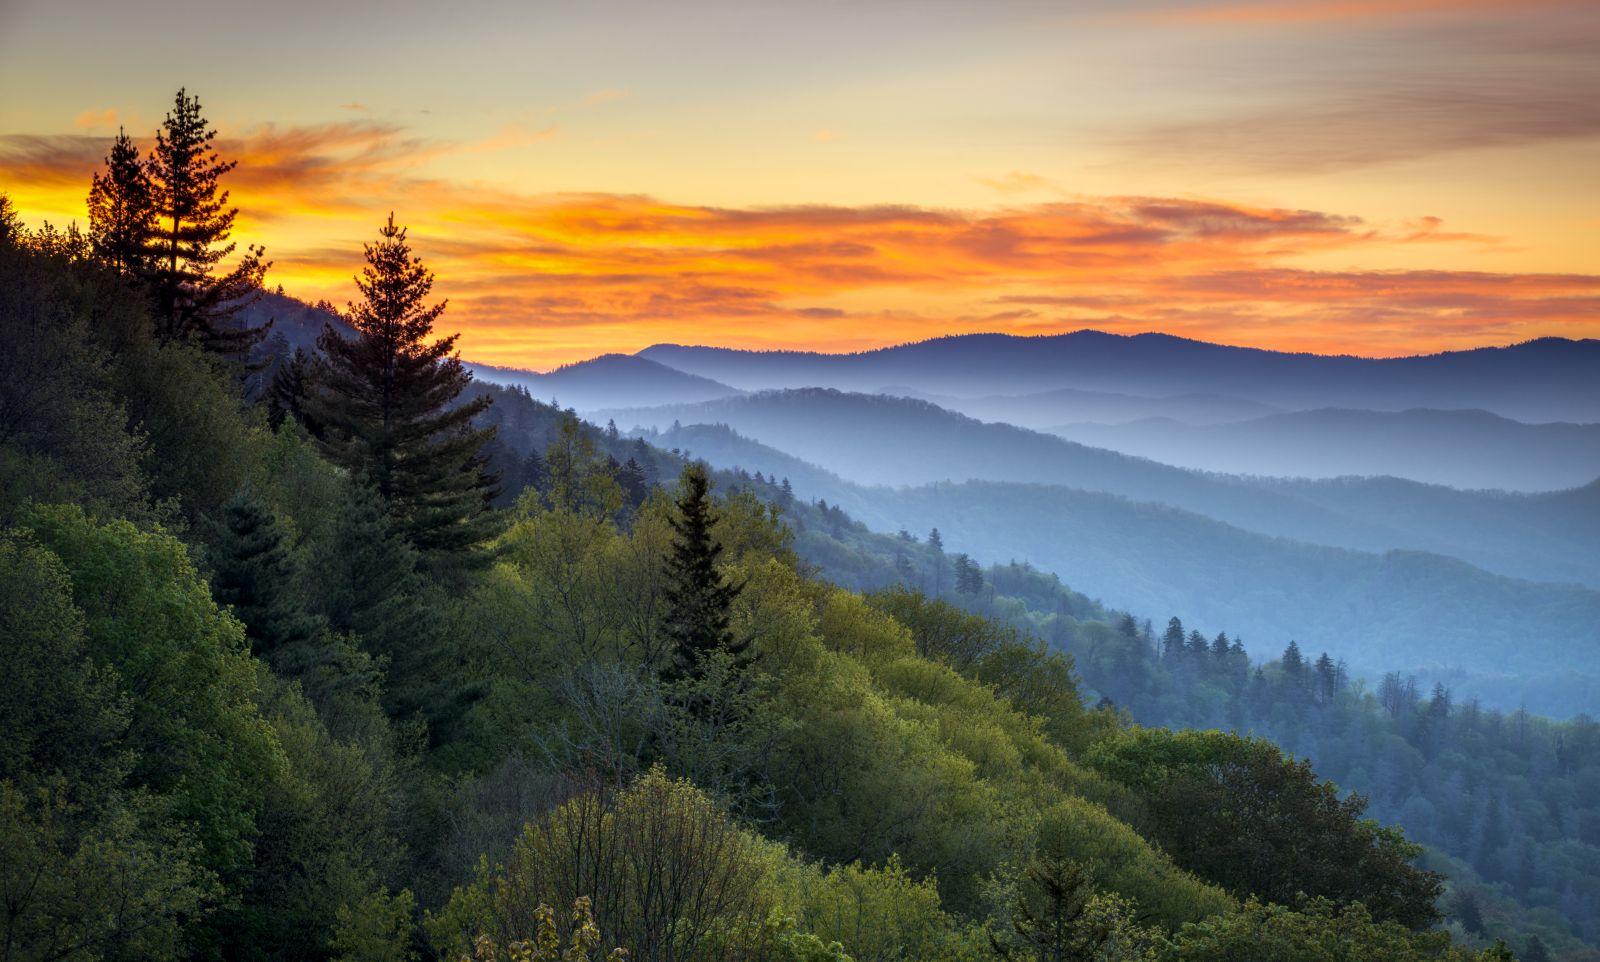 Der Great-Smoky-Mountains-Nationalpark ist der meistbesuchte Nationalpark der Vereinigten Staaten. Und das kommt nicht von ungefähr.